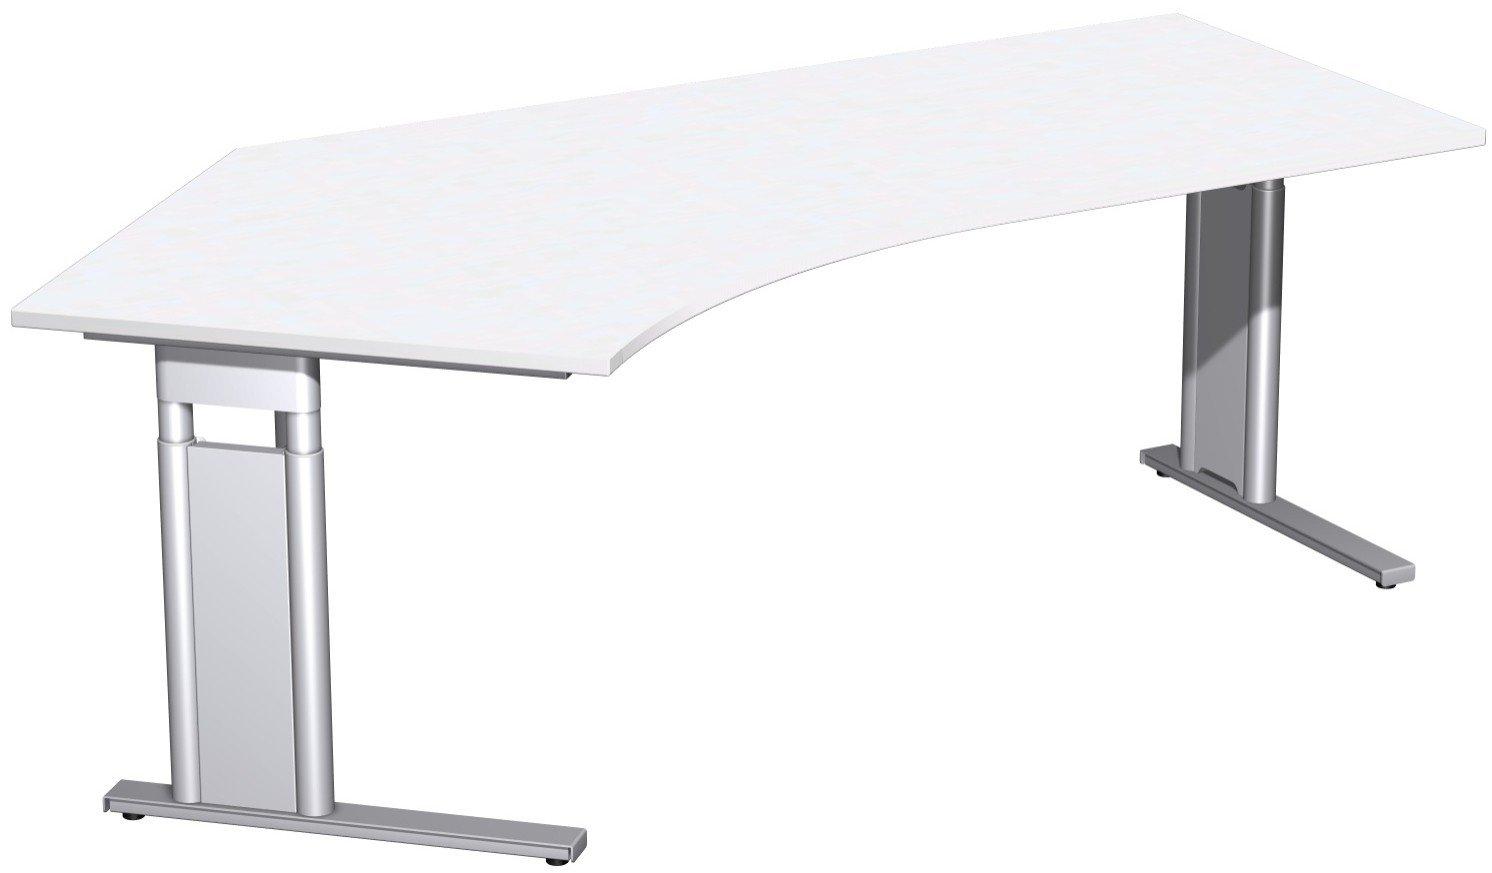 Geramöbel Schreibtisch 135° links höhenverstellbar, C Fuß Blende optional, 2166x1130x680-820, Weiß/Silber